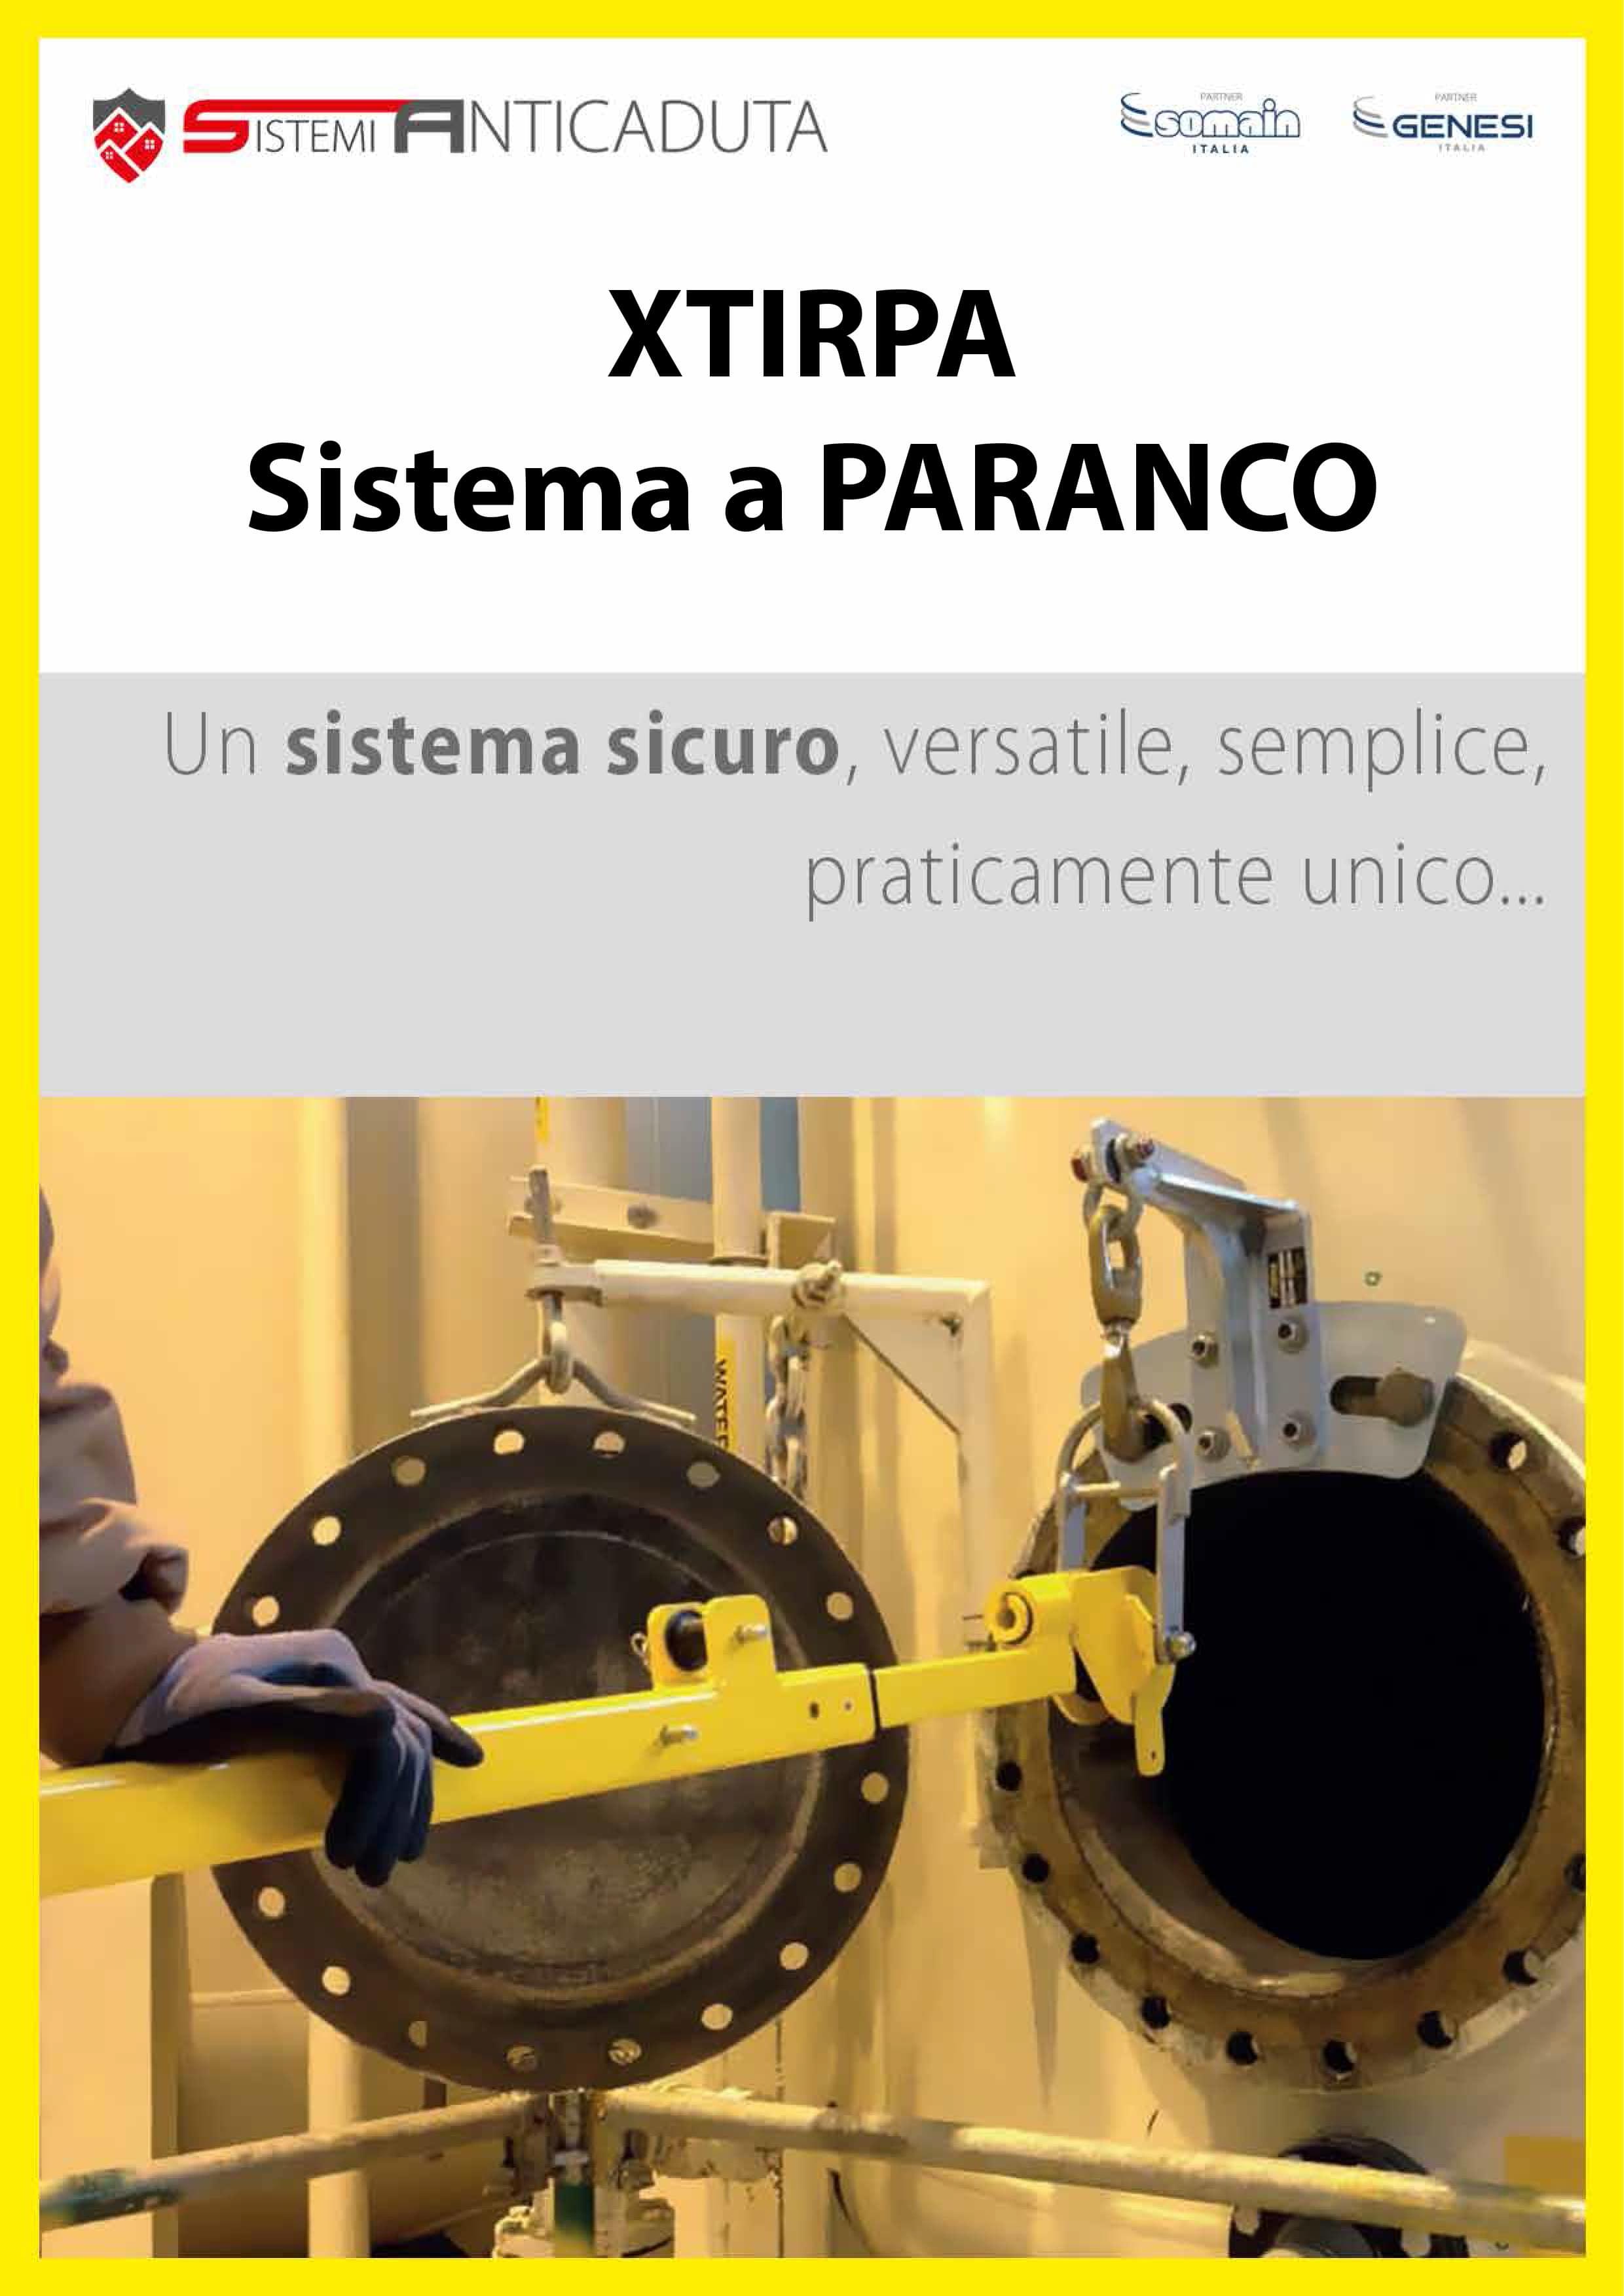 XTIRPA sistema a paranco